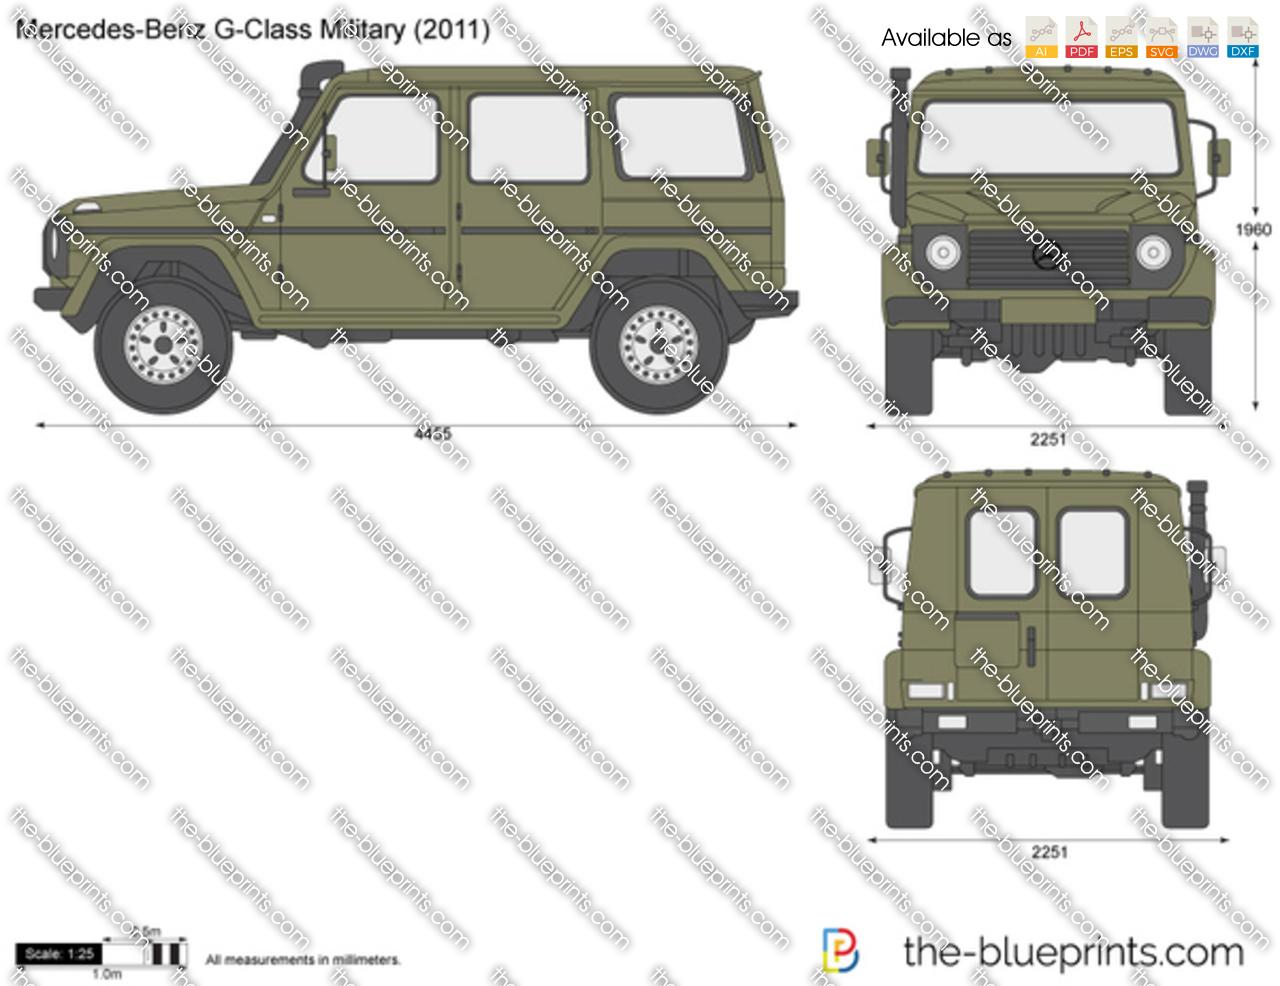 Mercedes-Benz G-Class Military 461 1996